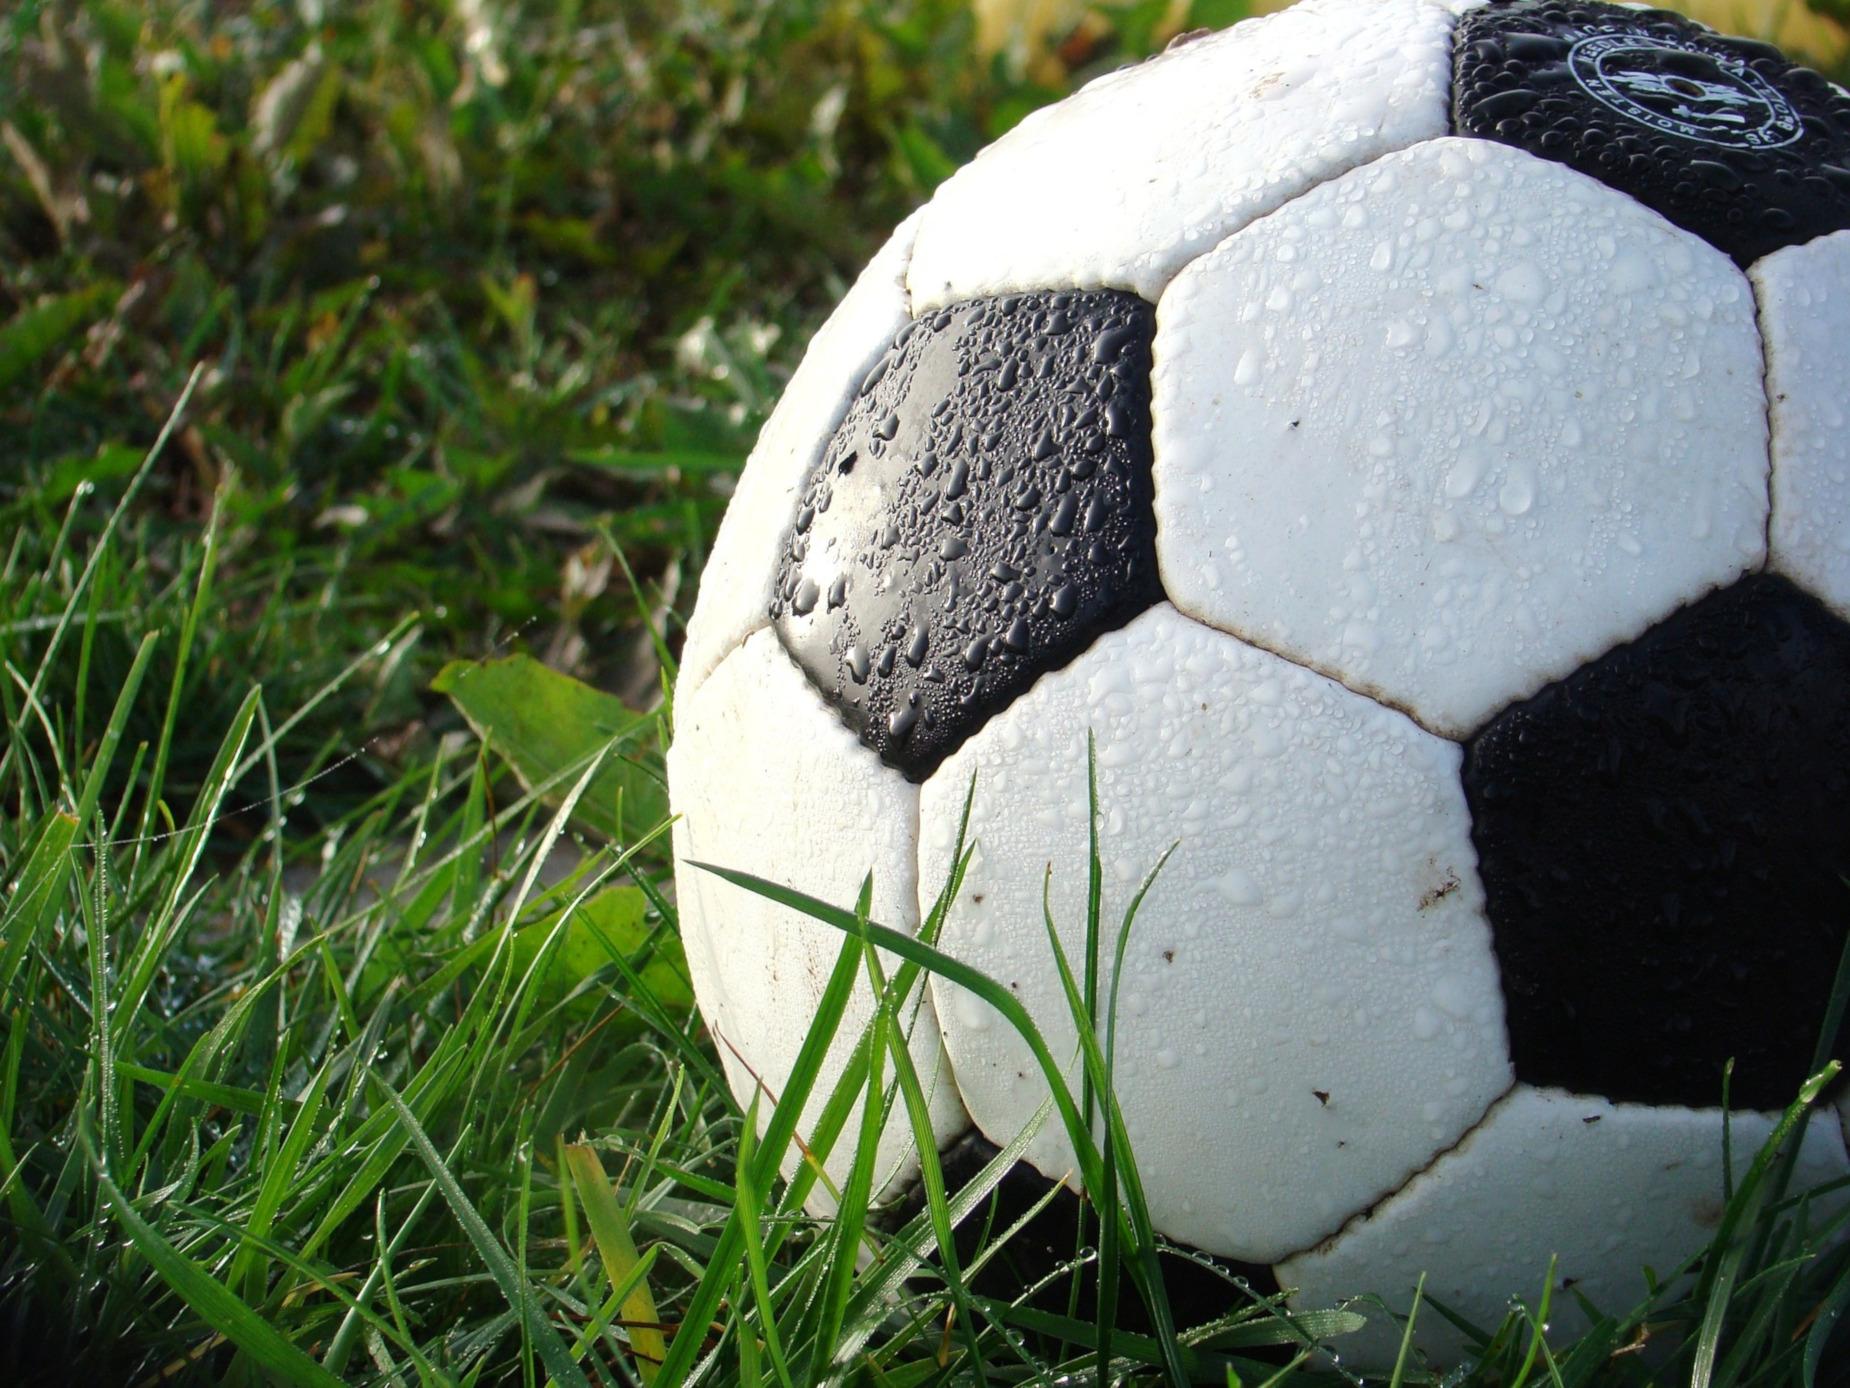 FIFA U-20 World Cup, czyli trzy tygodnie sportowych emocji na najwyższym poziomie. Pierwszy mecz w Gdyni już dziś